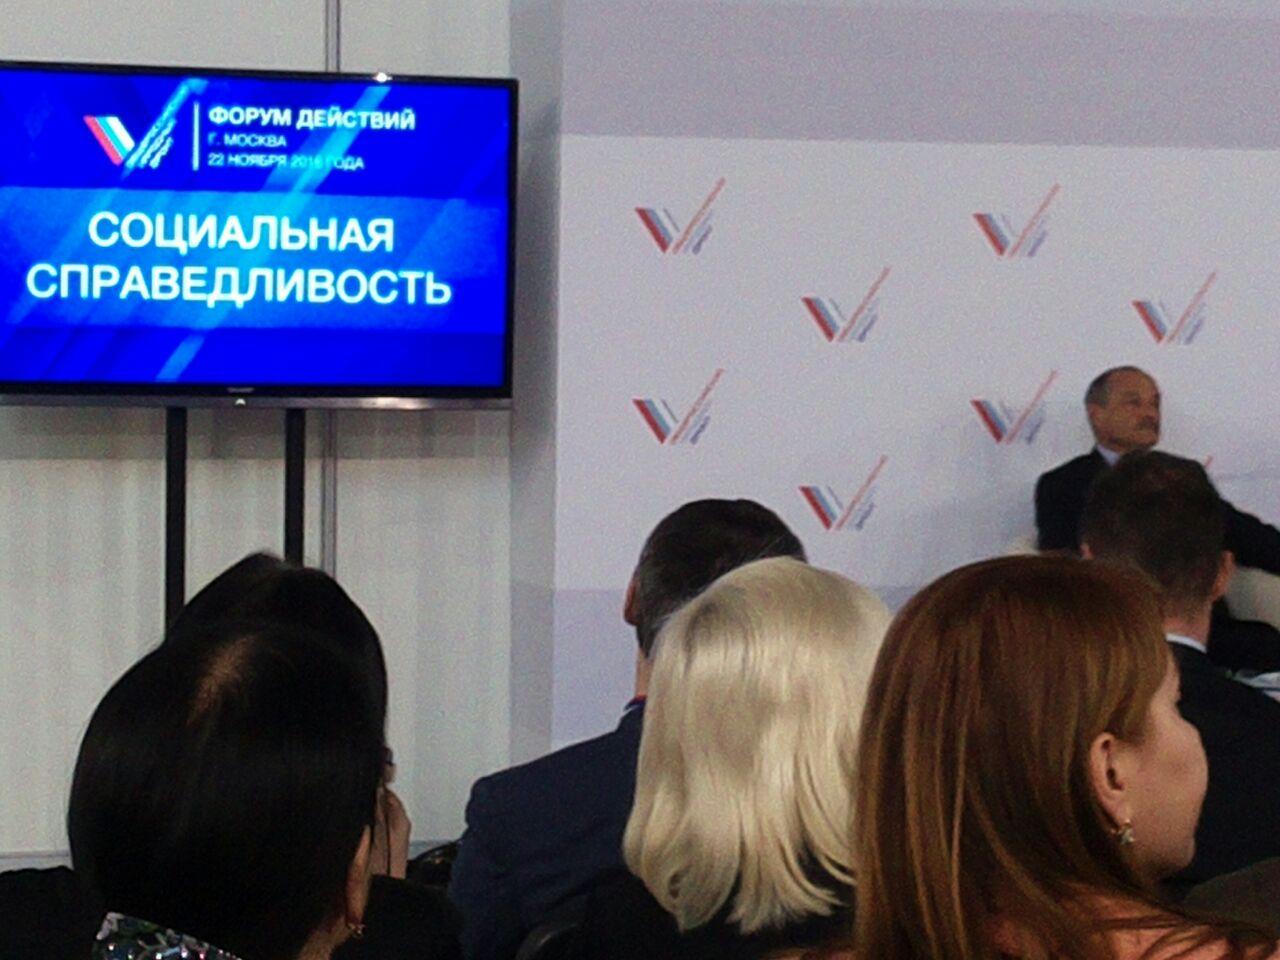 Представители ОНФ в Дагестане принимают участие на съезде Общероссийского народного фронта